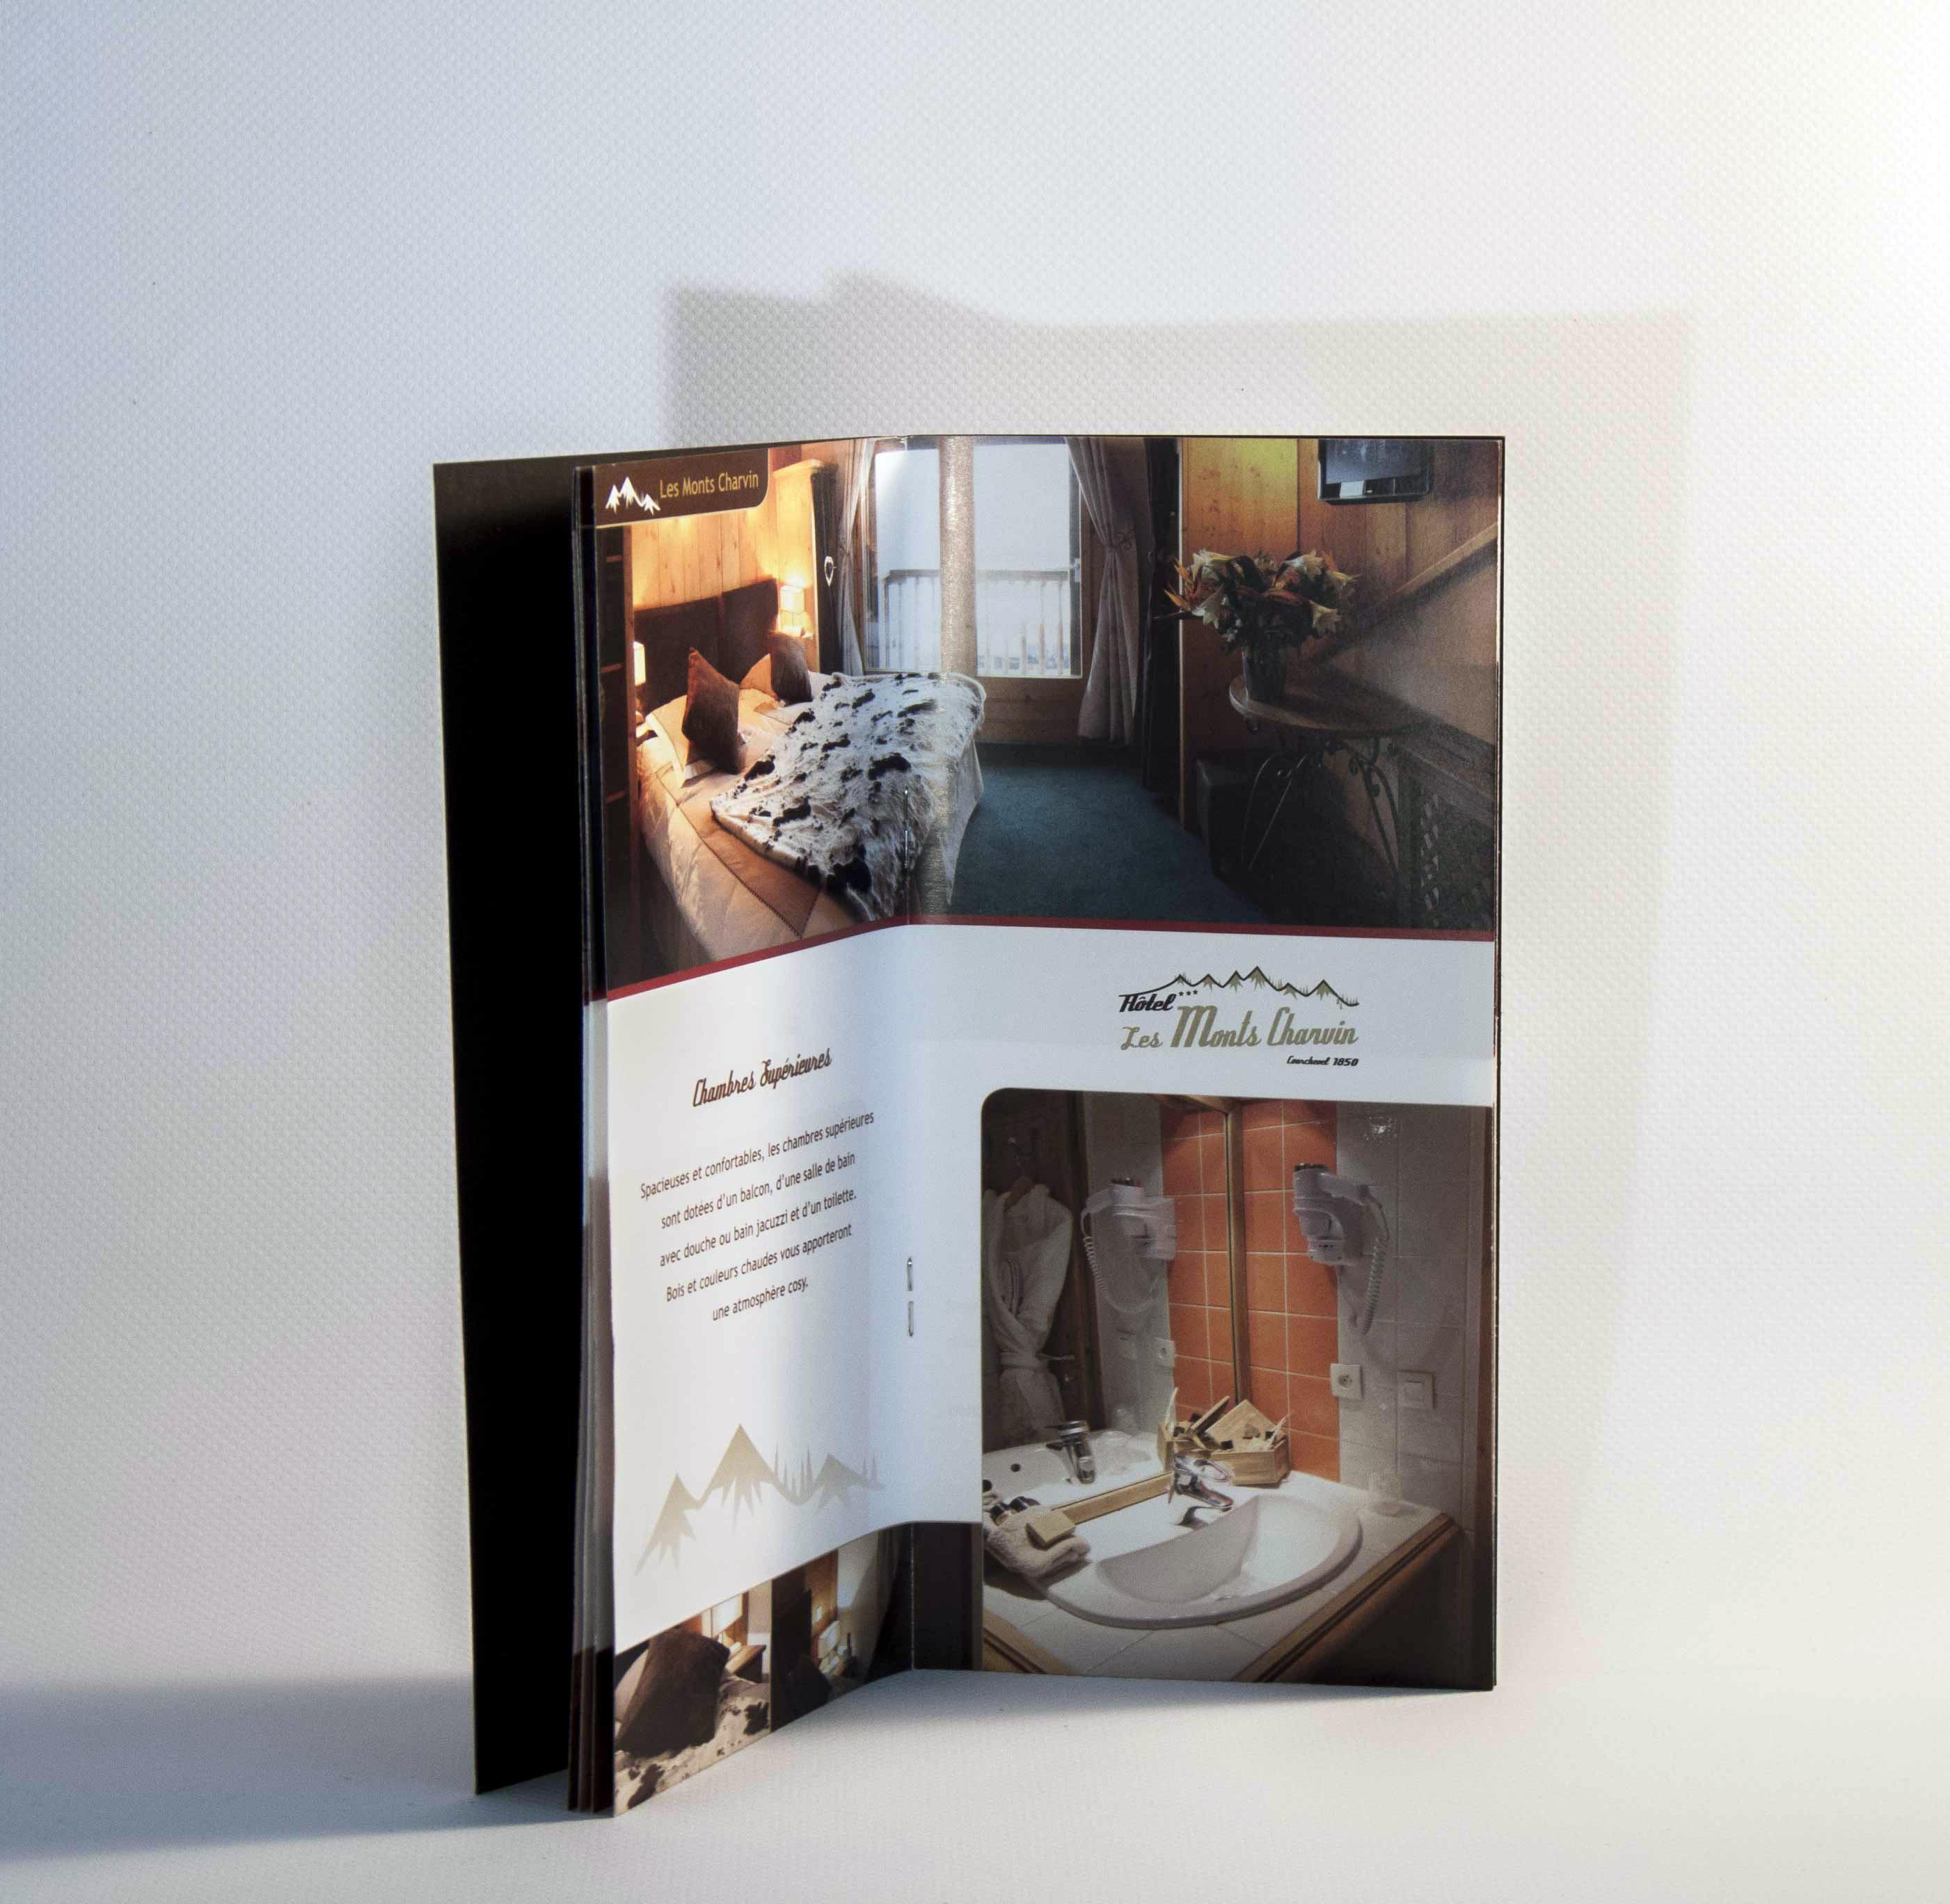 Un Toilette Ou Une Toilette hôtel les monts charvinbrochure | graphic design | portfolio